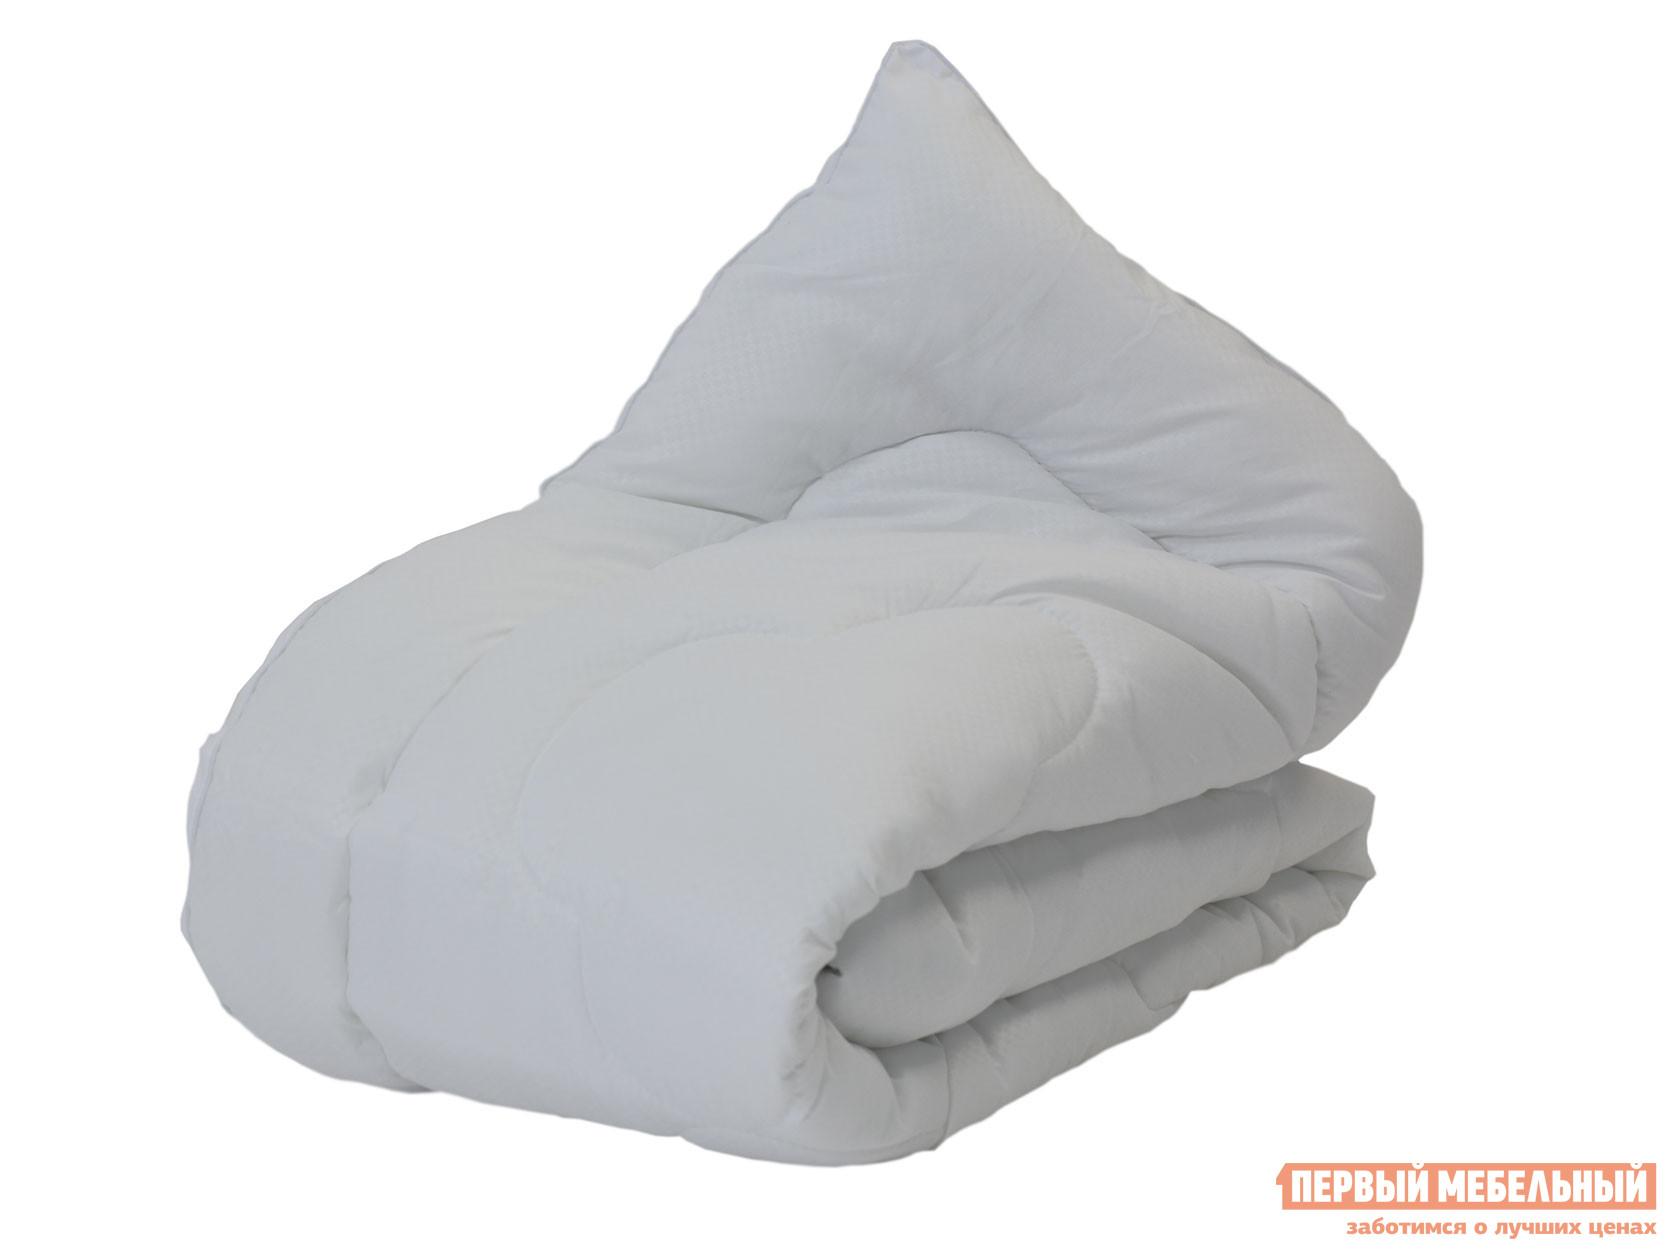 Одеяло Первый Мебельный Одеяло микрофибра/эвкалиптовое волокно 300г/м2, всесезонное